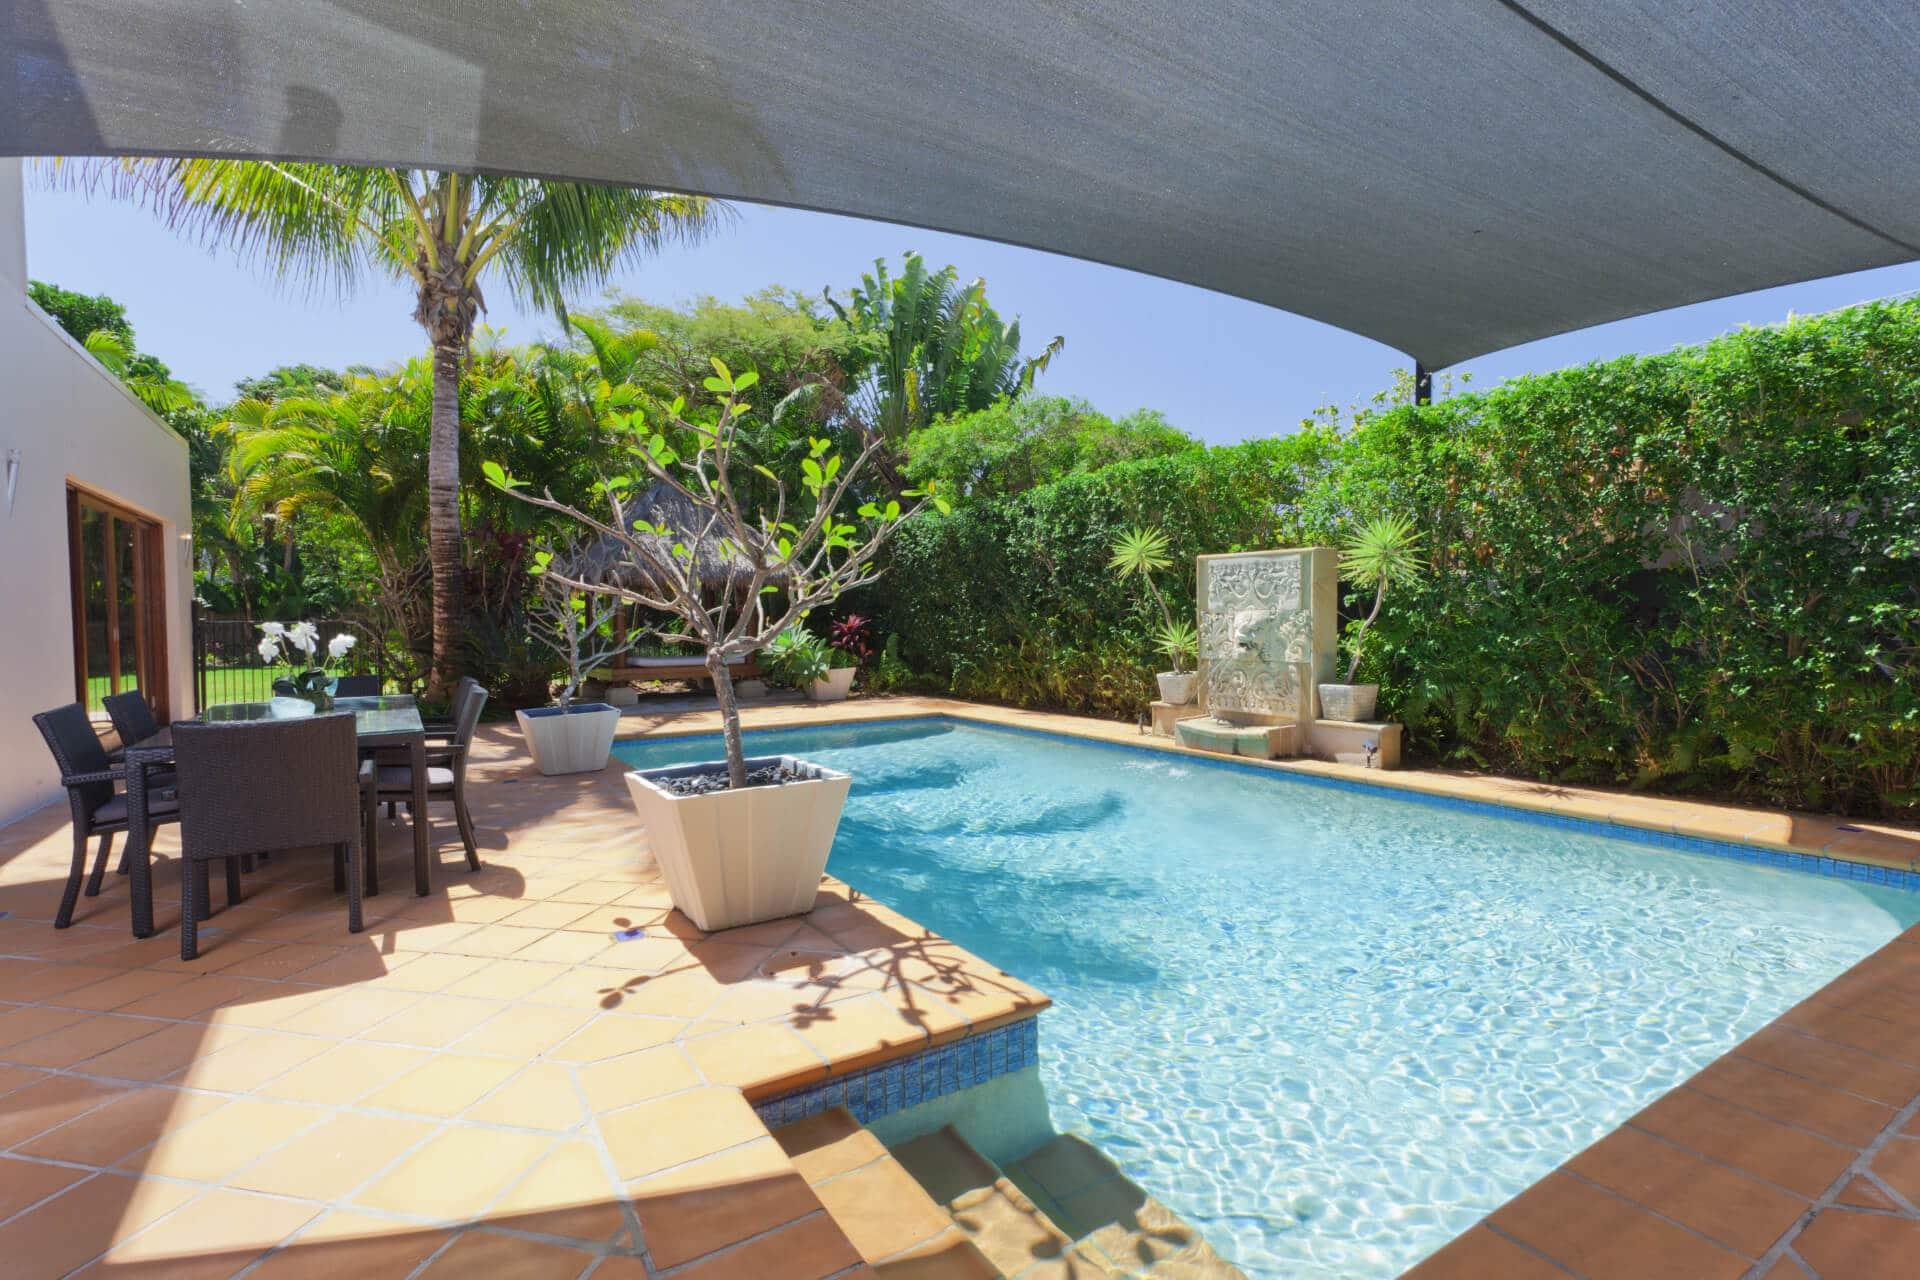 bacyard with swimming pool